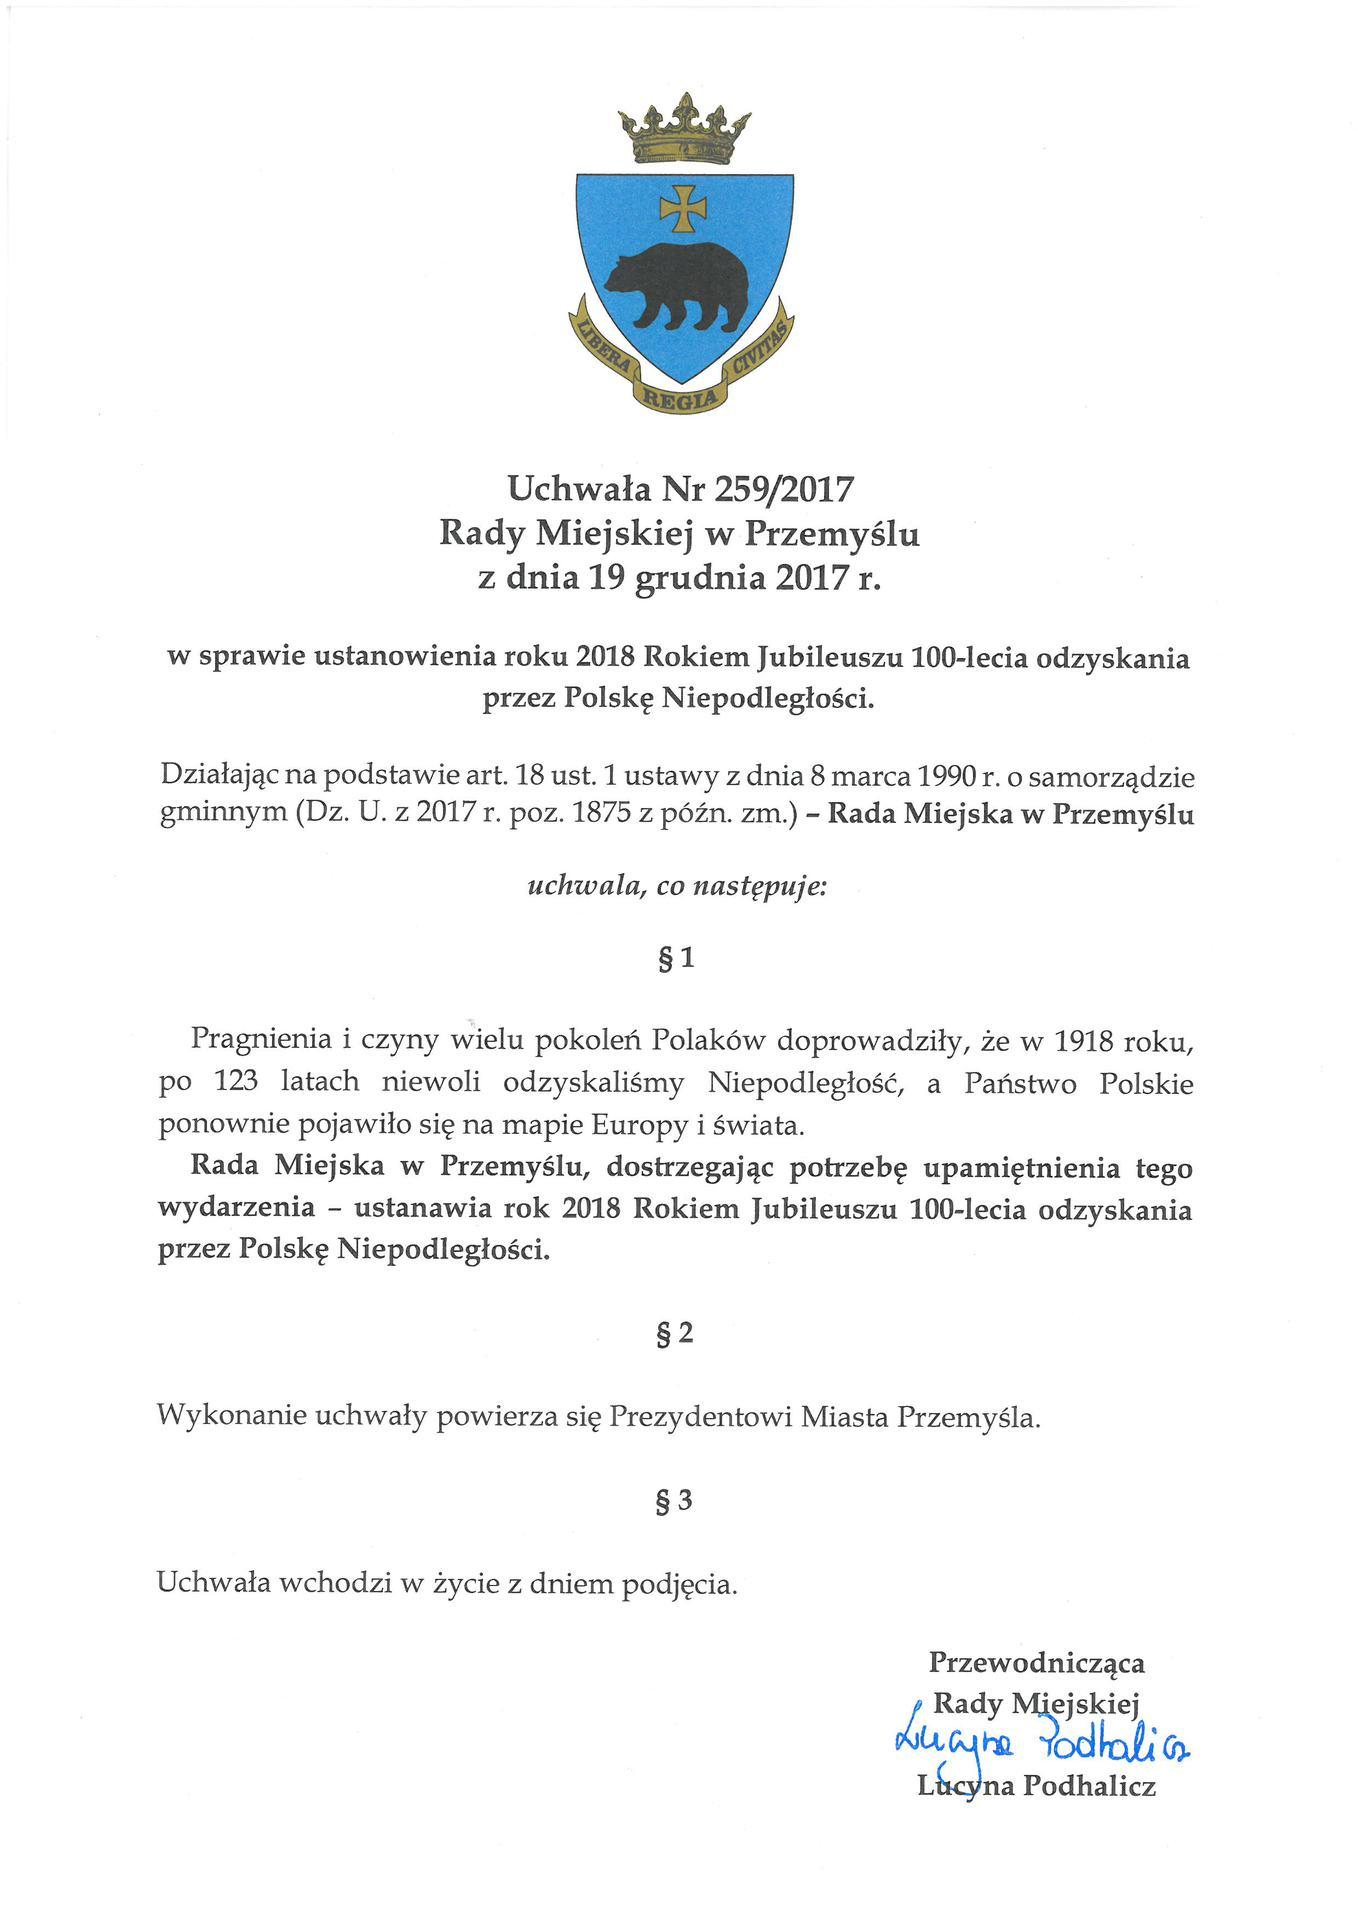 Uchwała Nr 259/2017 Rady Miejskiej w Przemyślu z dnia 19 grudnia 2017 r. w sprawie ustanowienia roku 2018 Rokiem Jubileuszu 100-lecia odzyskania przez Polskę Niepodległości